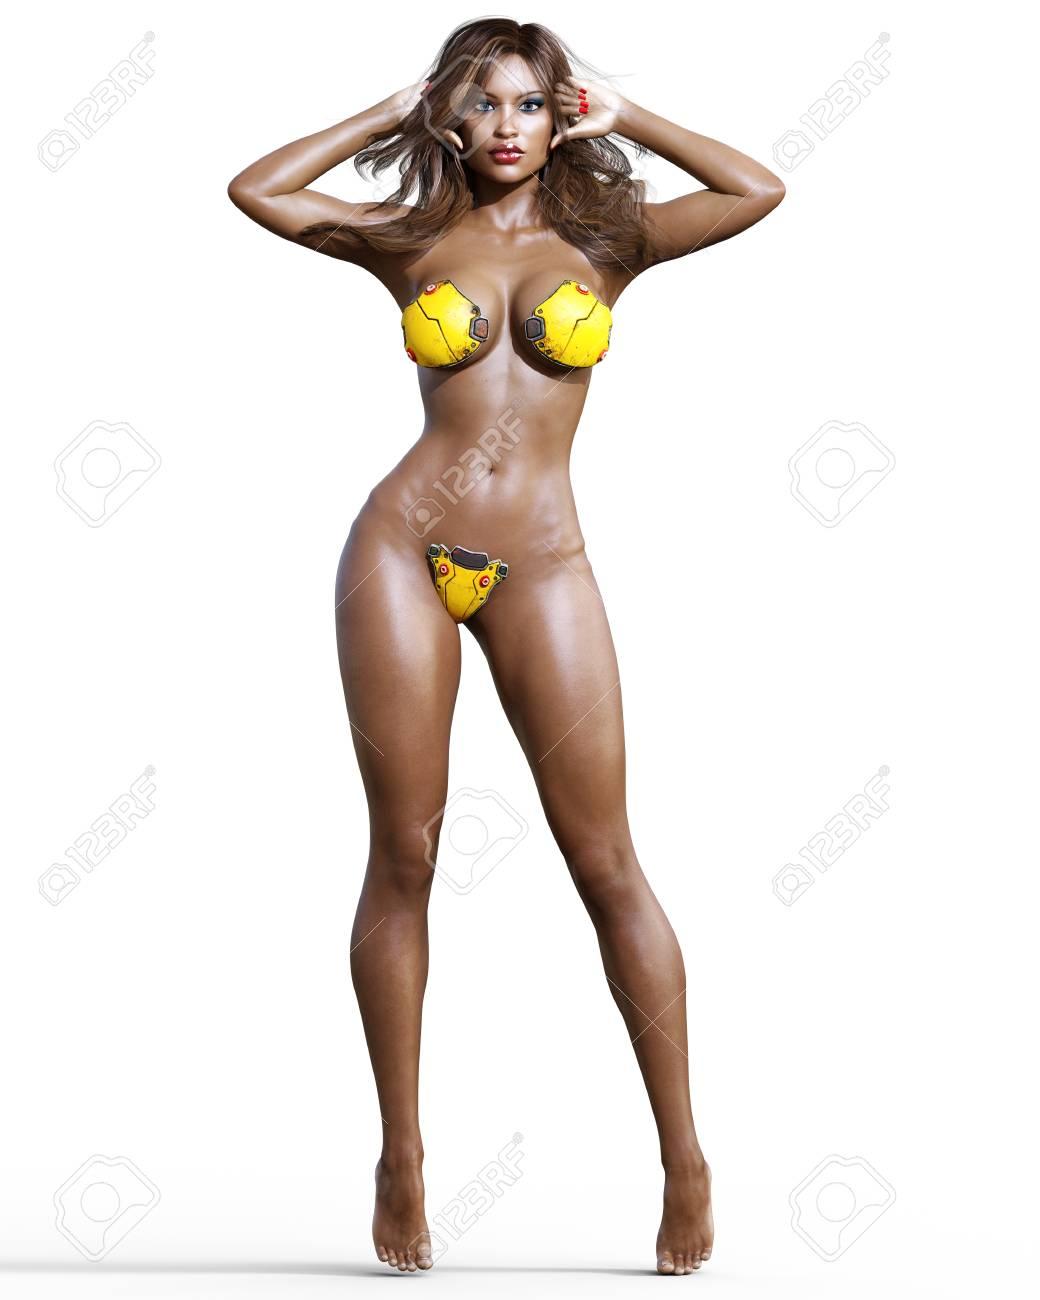 tanya tate naked pics